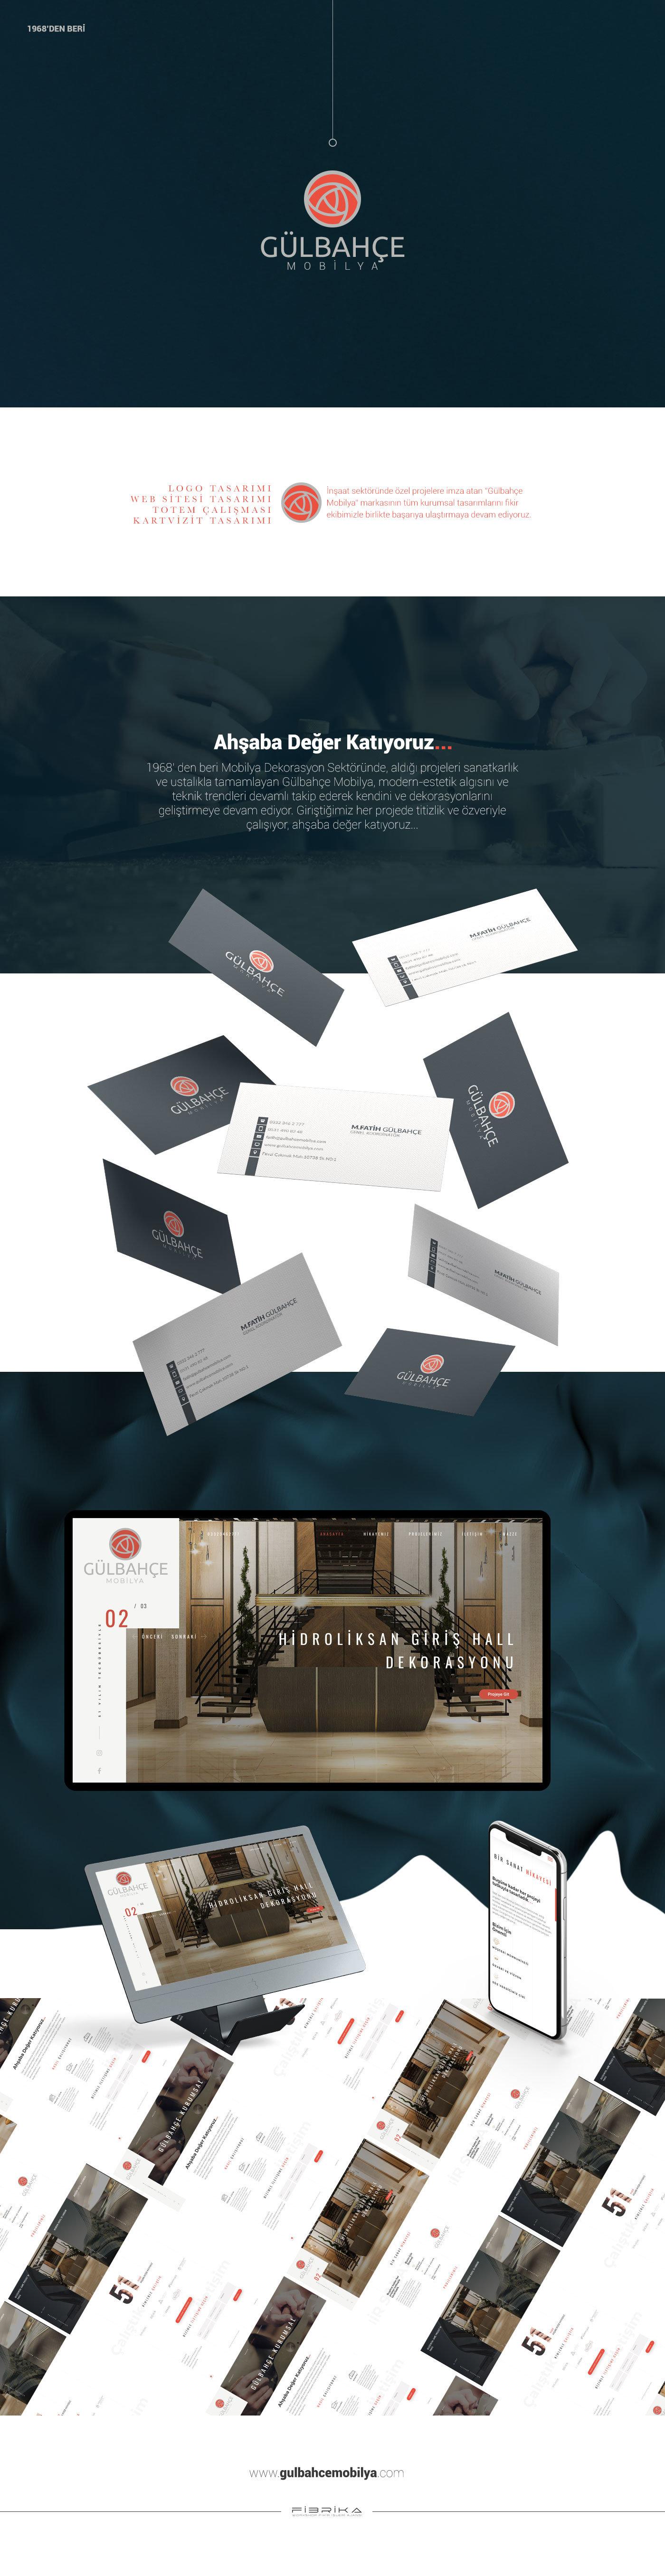 Web sitesi, kartvizit tasarımı, logo tasarımı